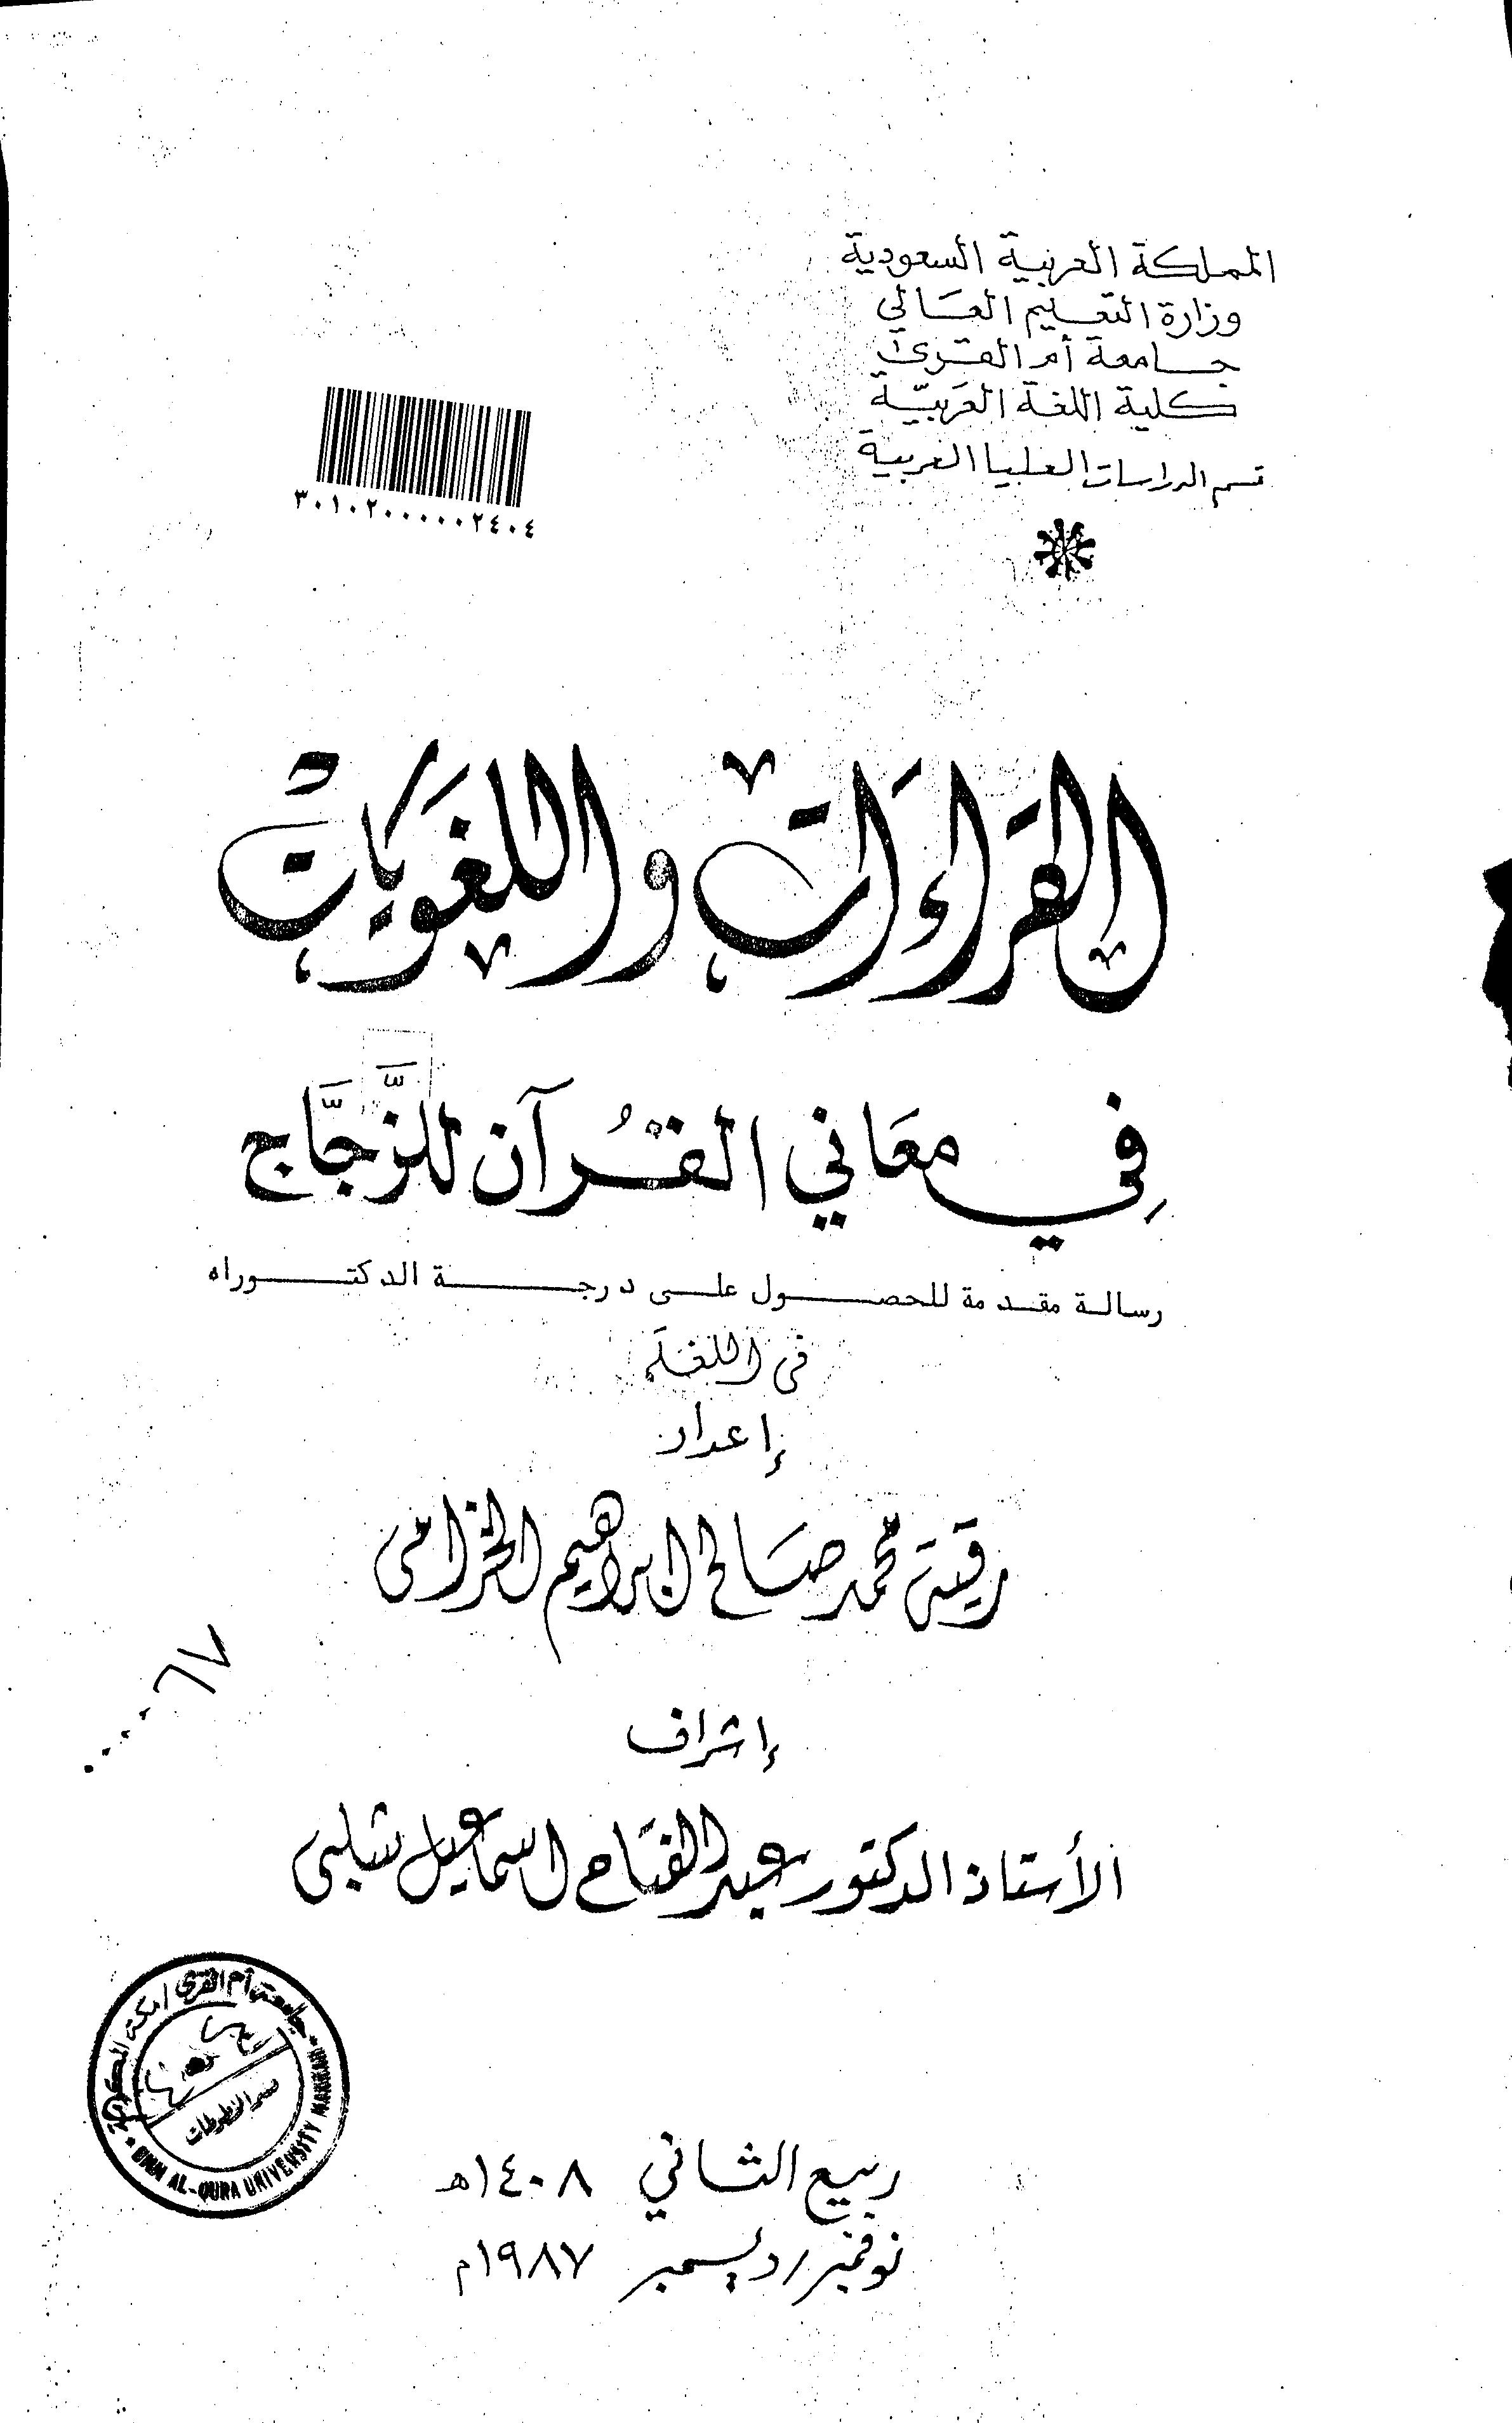 تحميل كتاب القراءات واللغويات في معاني القرآن للزجاج لـِ: رقية محمد صالح إبراهيم الخزامي